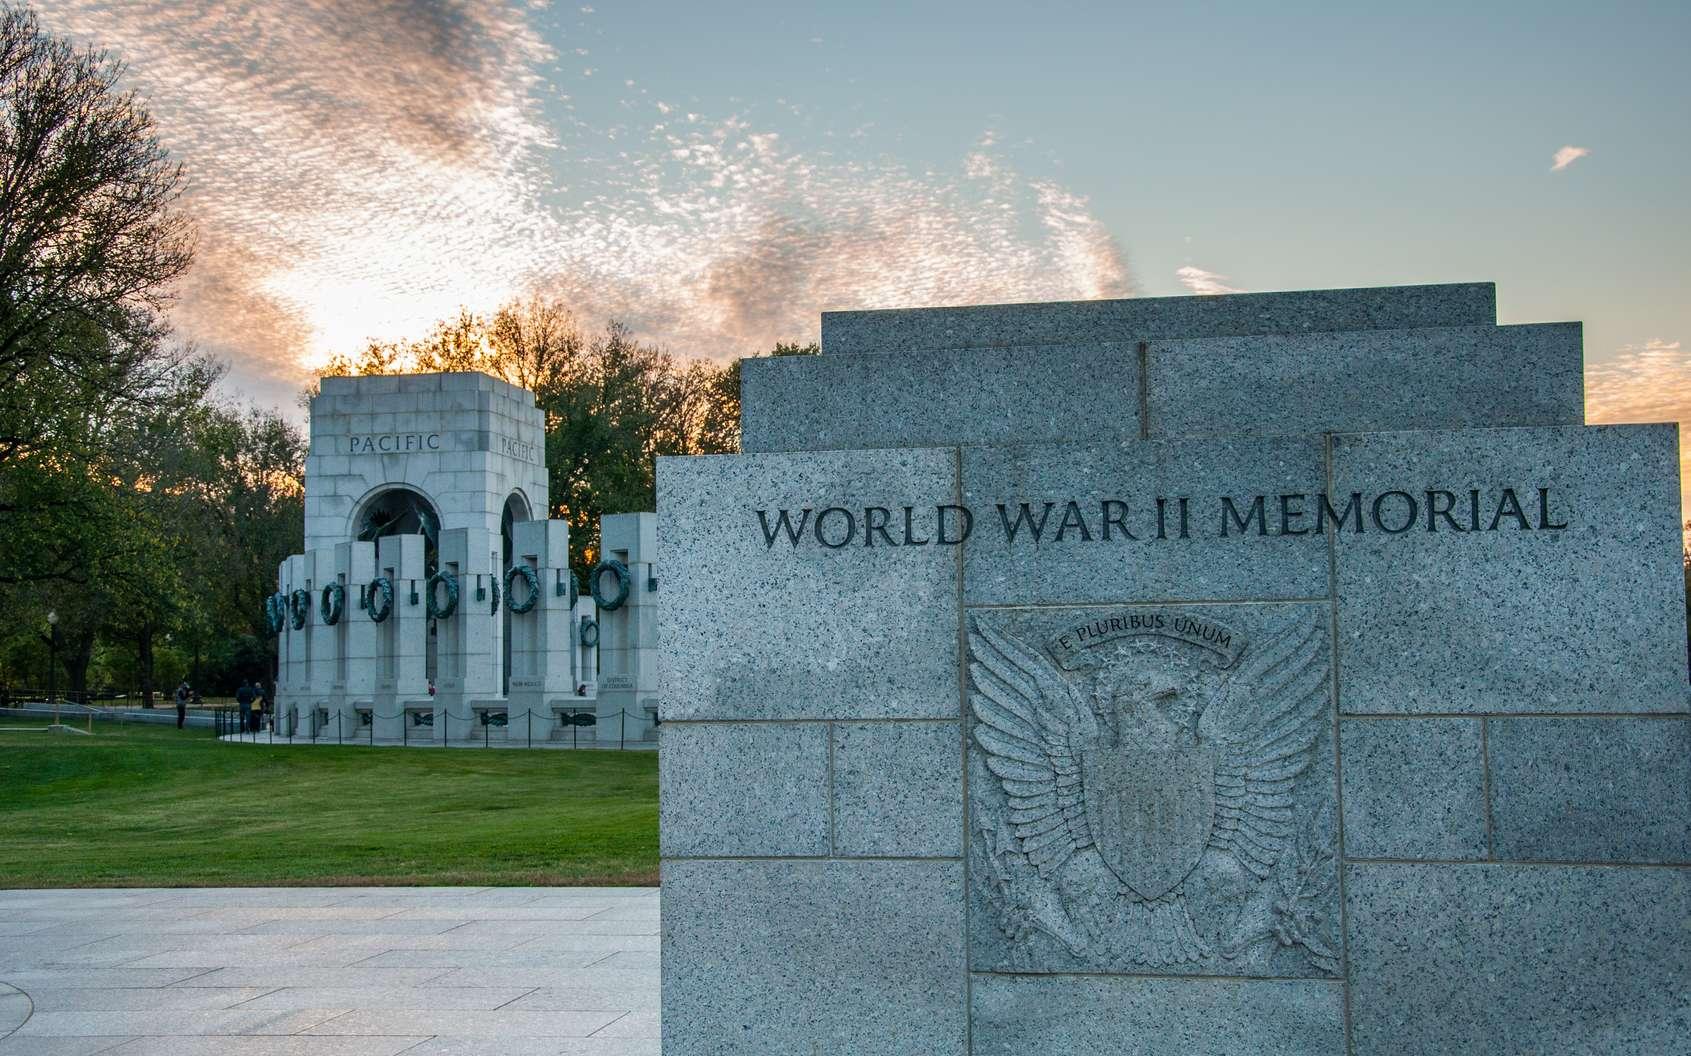 Mémorial de la seconde guerre mondiale à Washington D.C. © justinfegan, fotolia